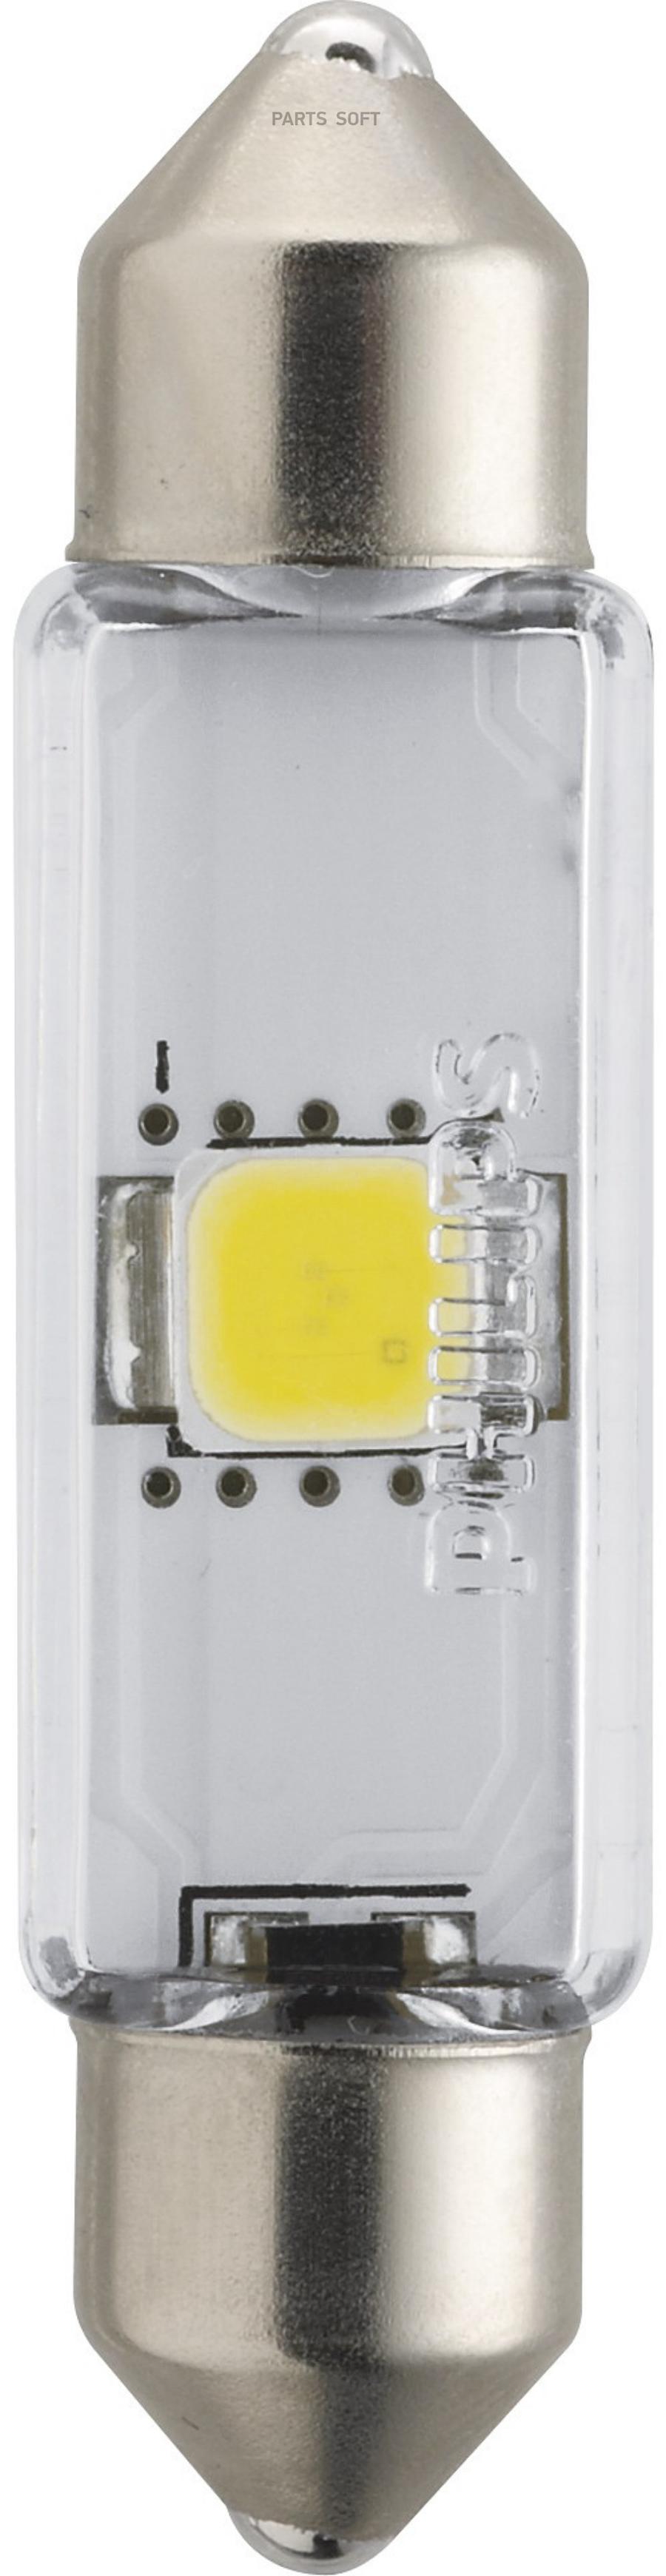 Лампа светодиодная C5W X-tremeVision LED Дневной свет 6000К Localizer1